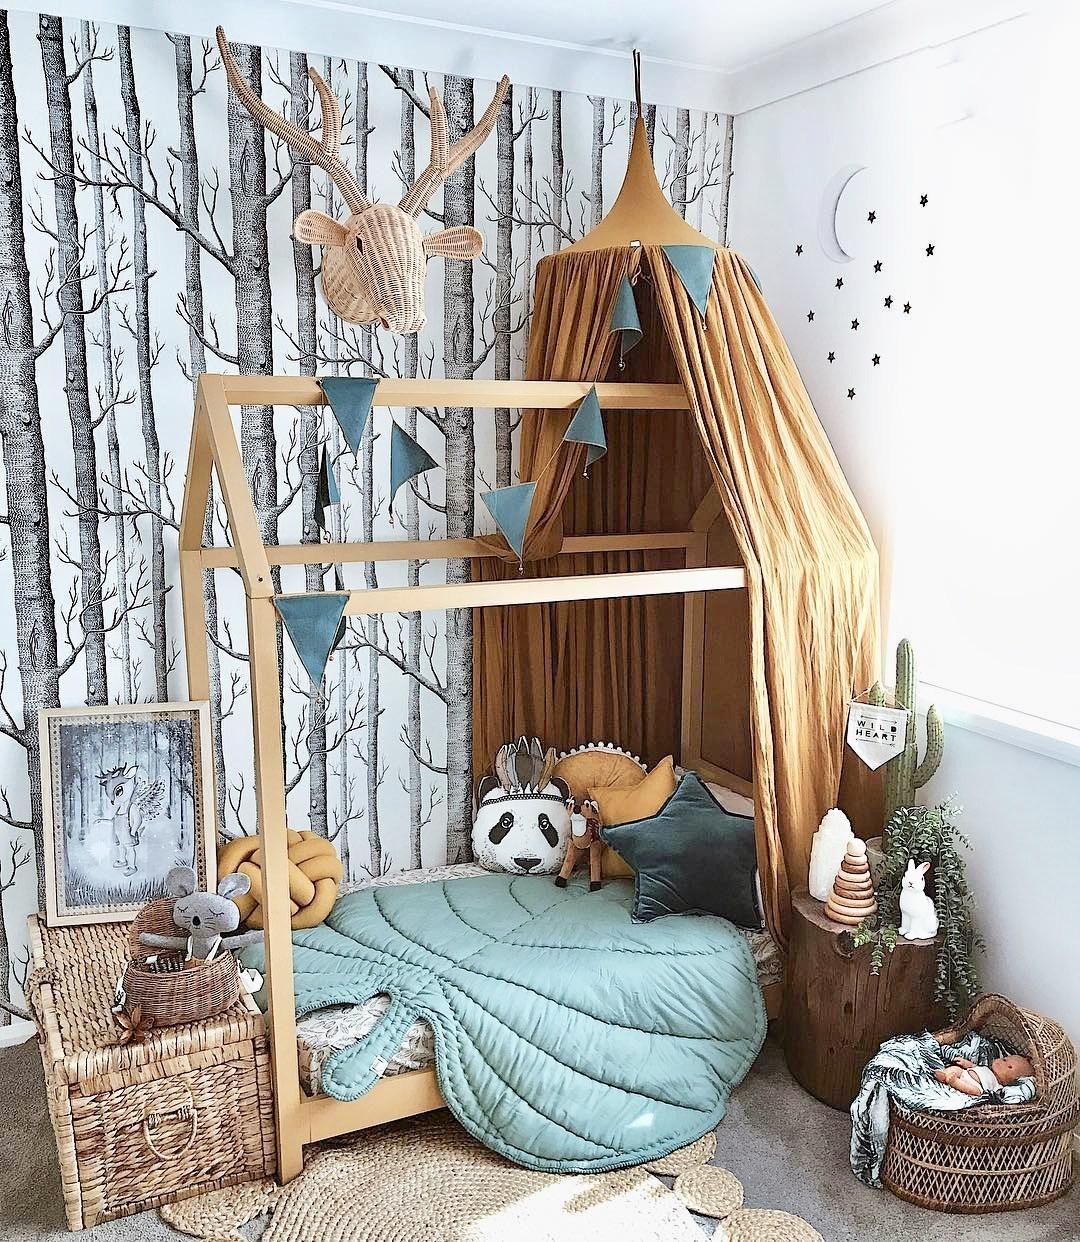 Ý tưởng trang trí phòng bé siêu dễ thương với chất liệu thân thiện môi trường - Ảnh 5.